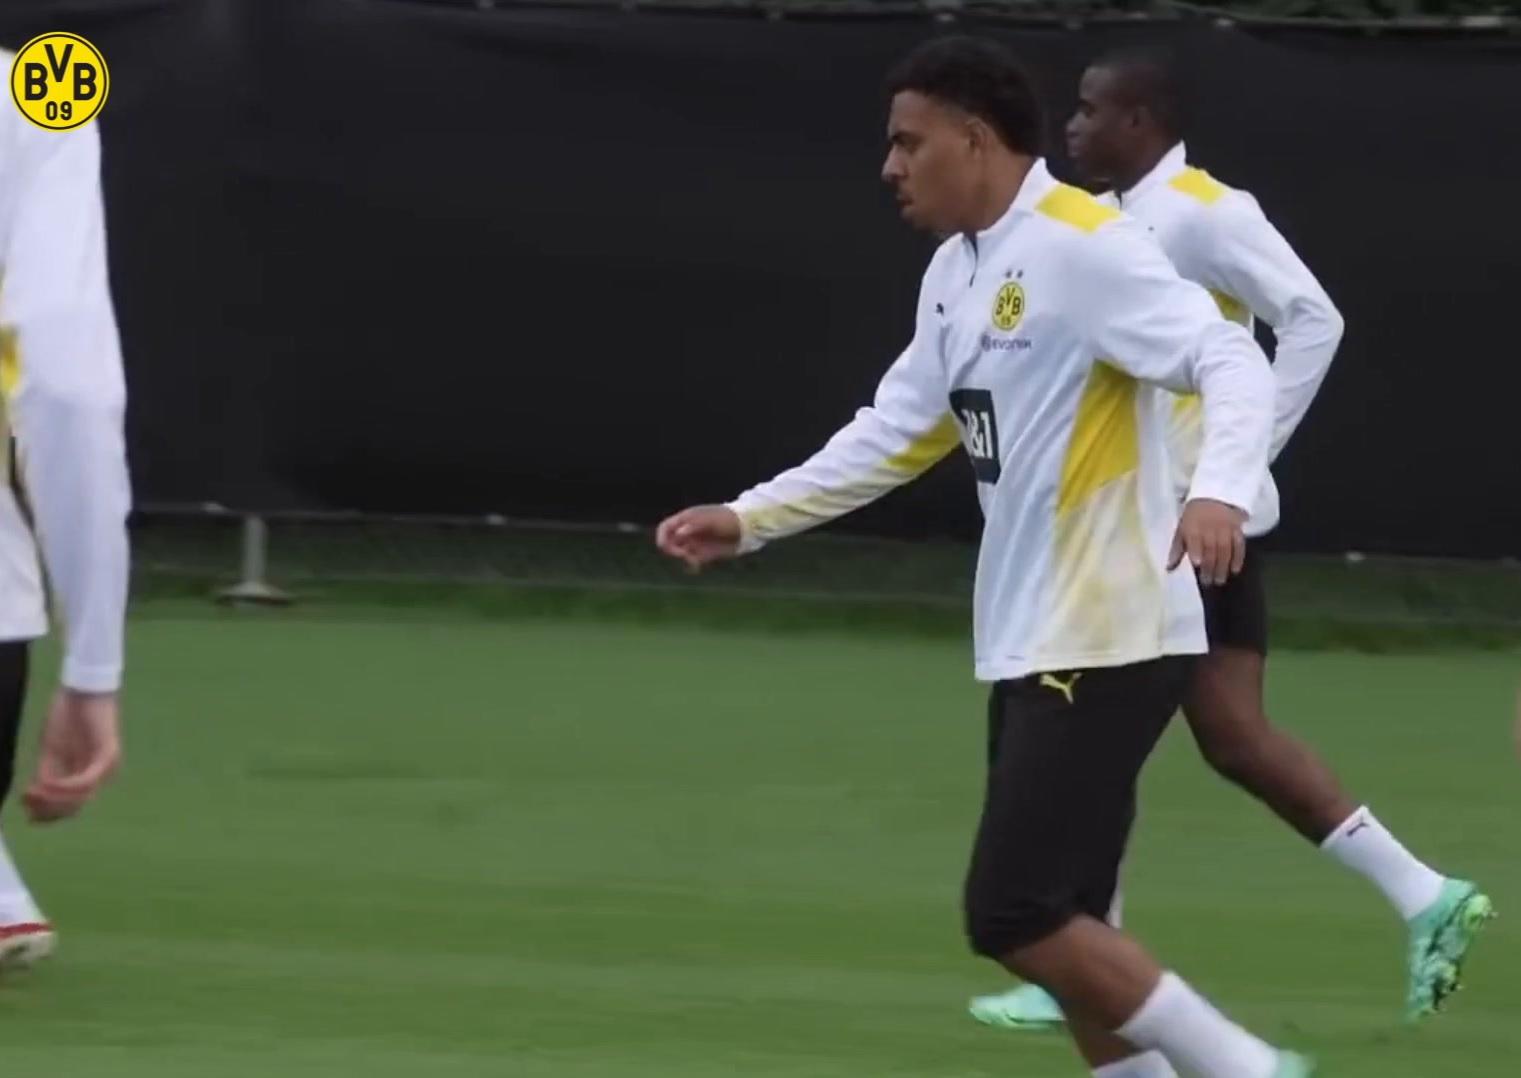 El nuevo Dortmund ficha a Donyell Malen en el entrenamiento